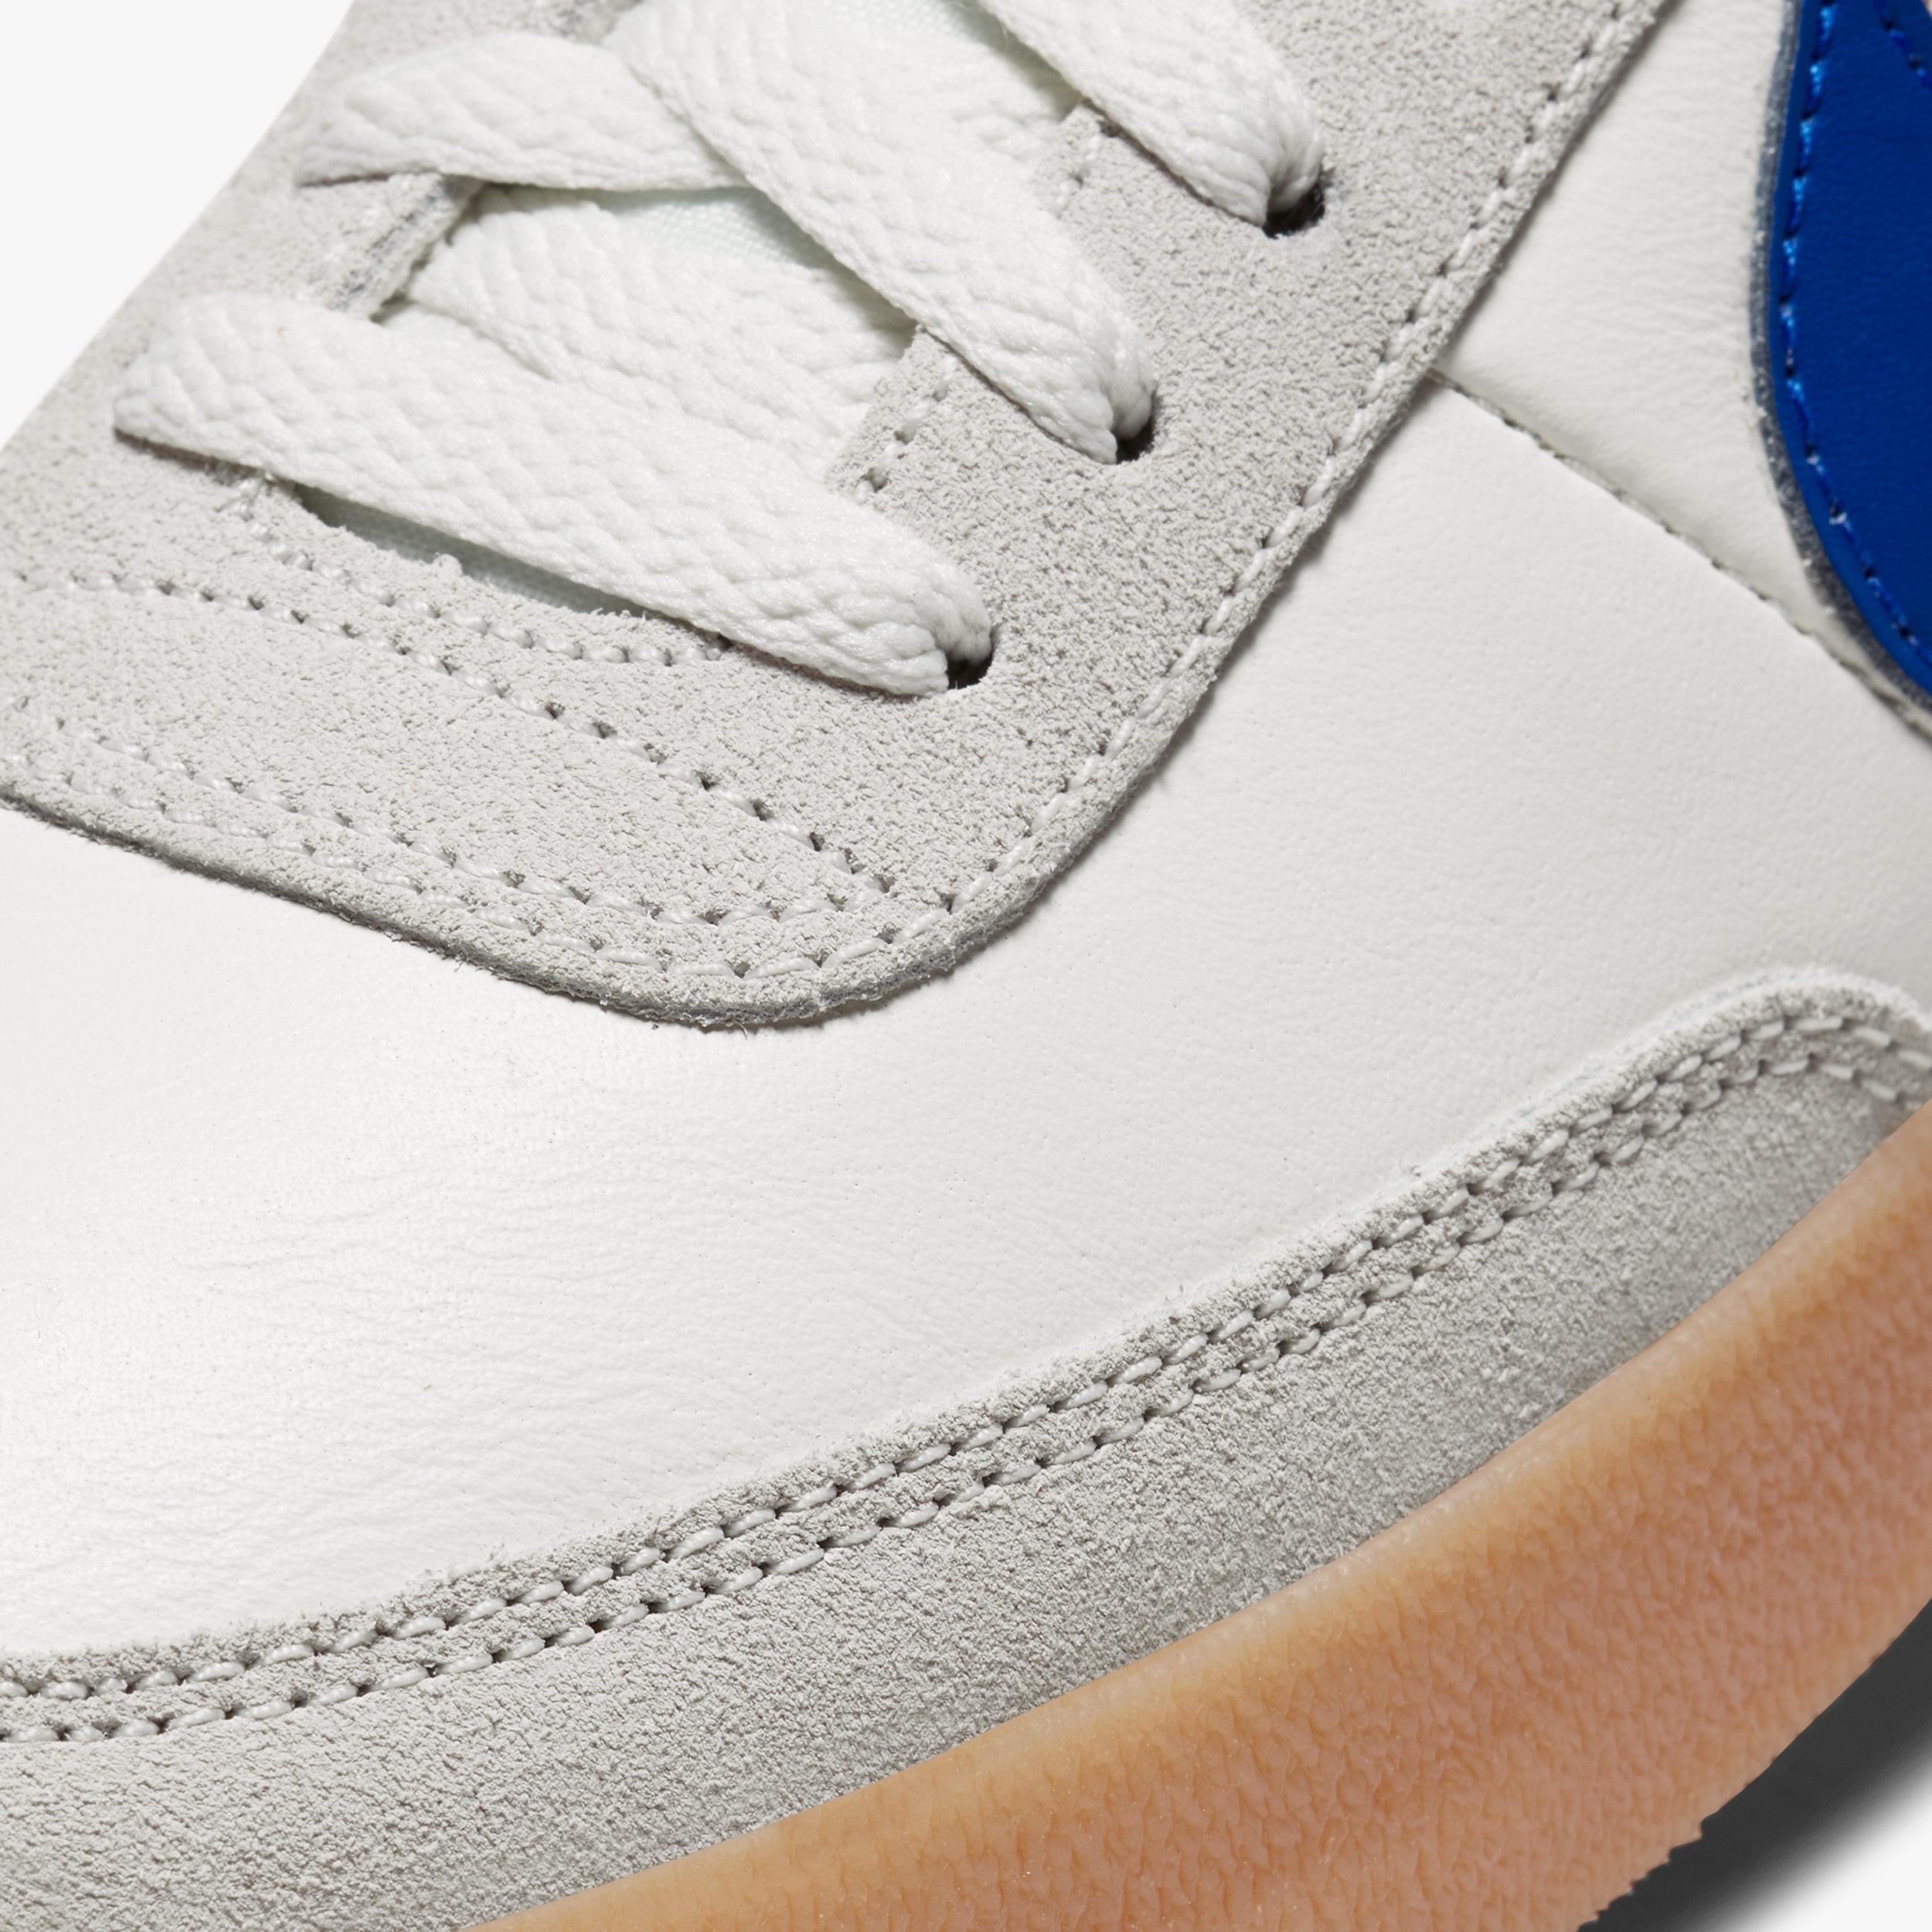 sagrado Fértil Portal  Nike Killshot 2 - 432997-124 - Sneakersnstuff | sneakers & streetwear  online since 1999